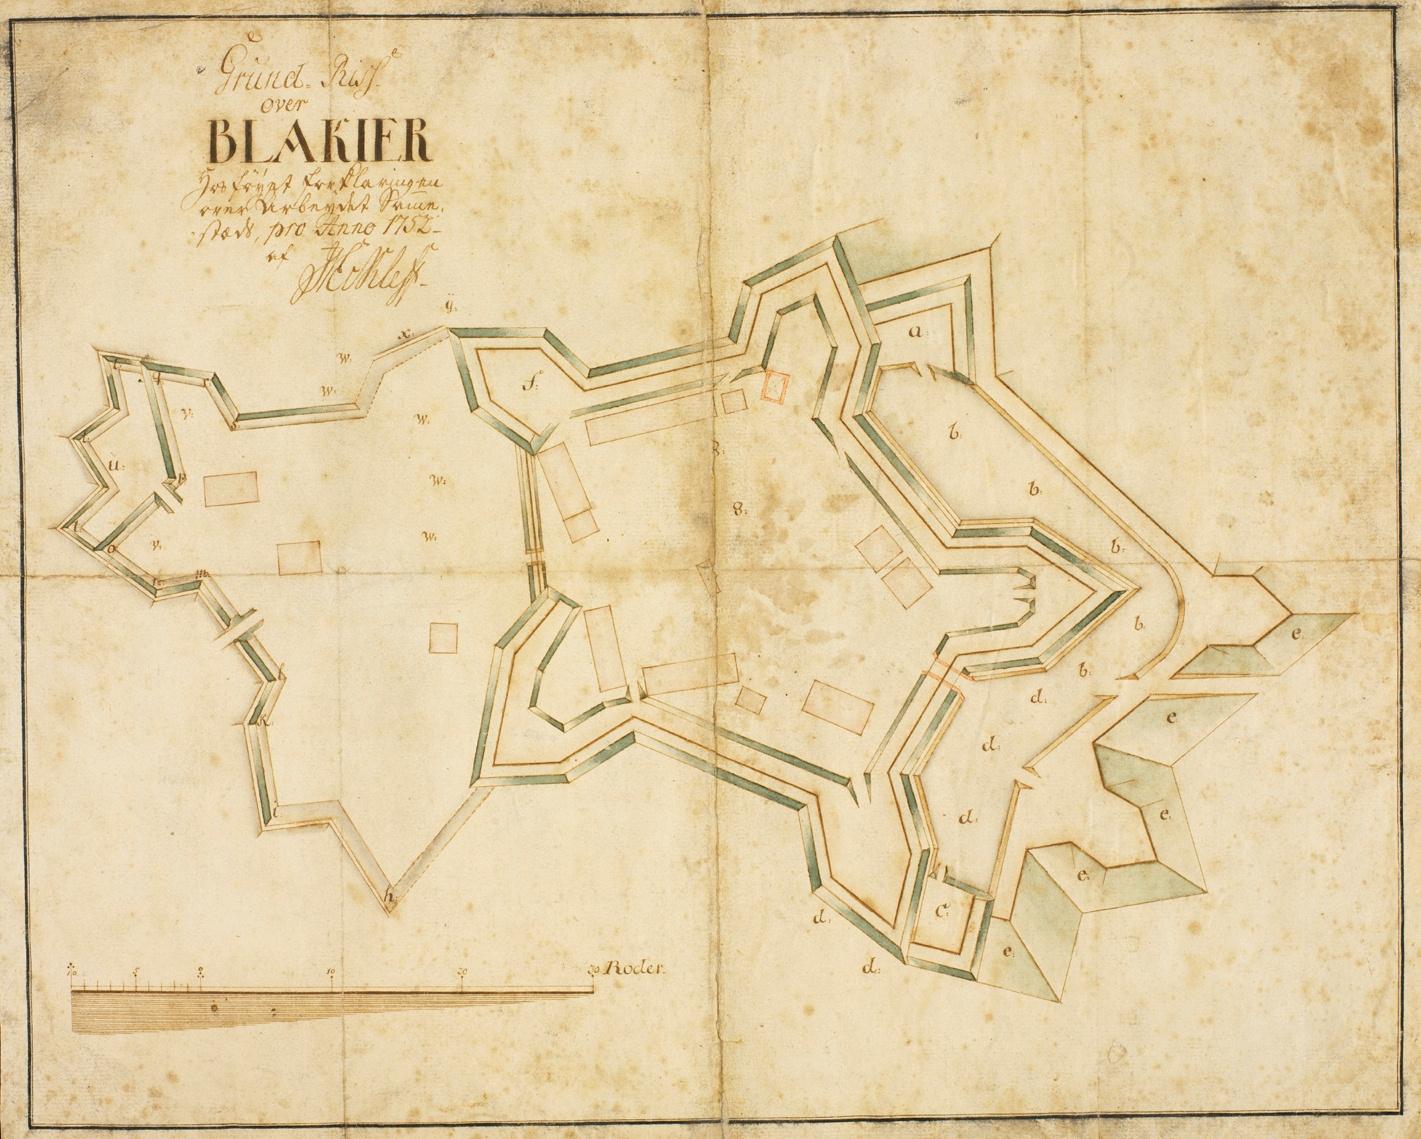 Håndtegnet kart over Blaker skanse